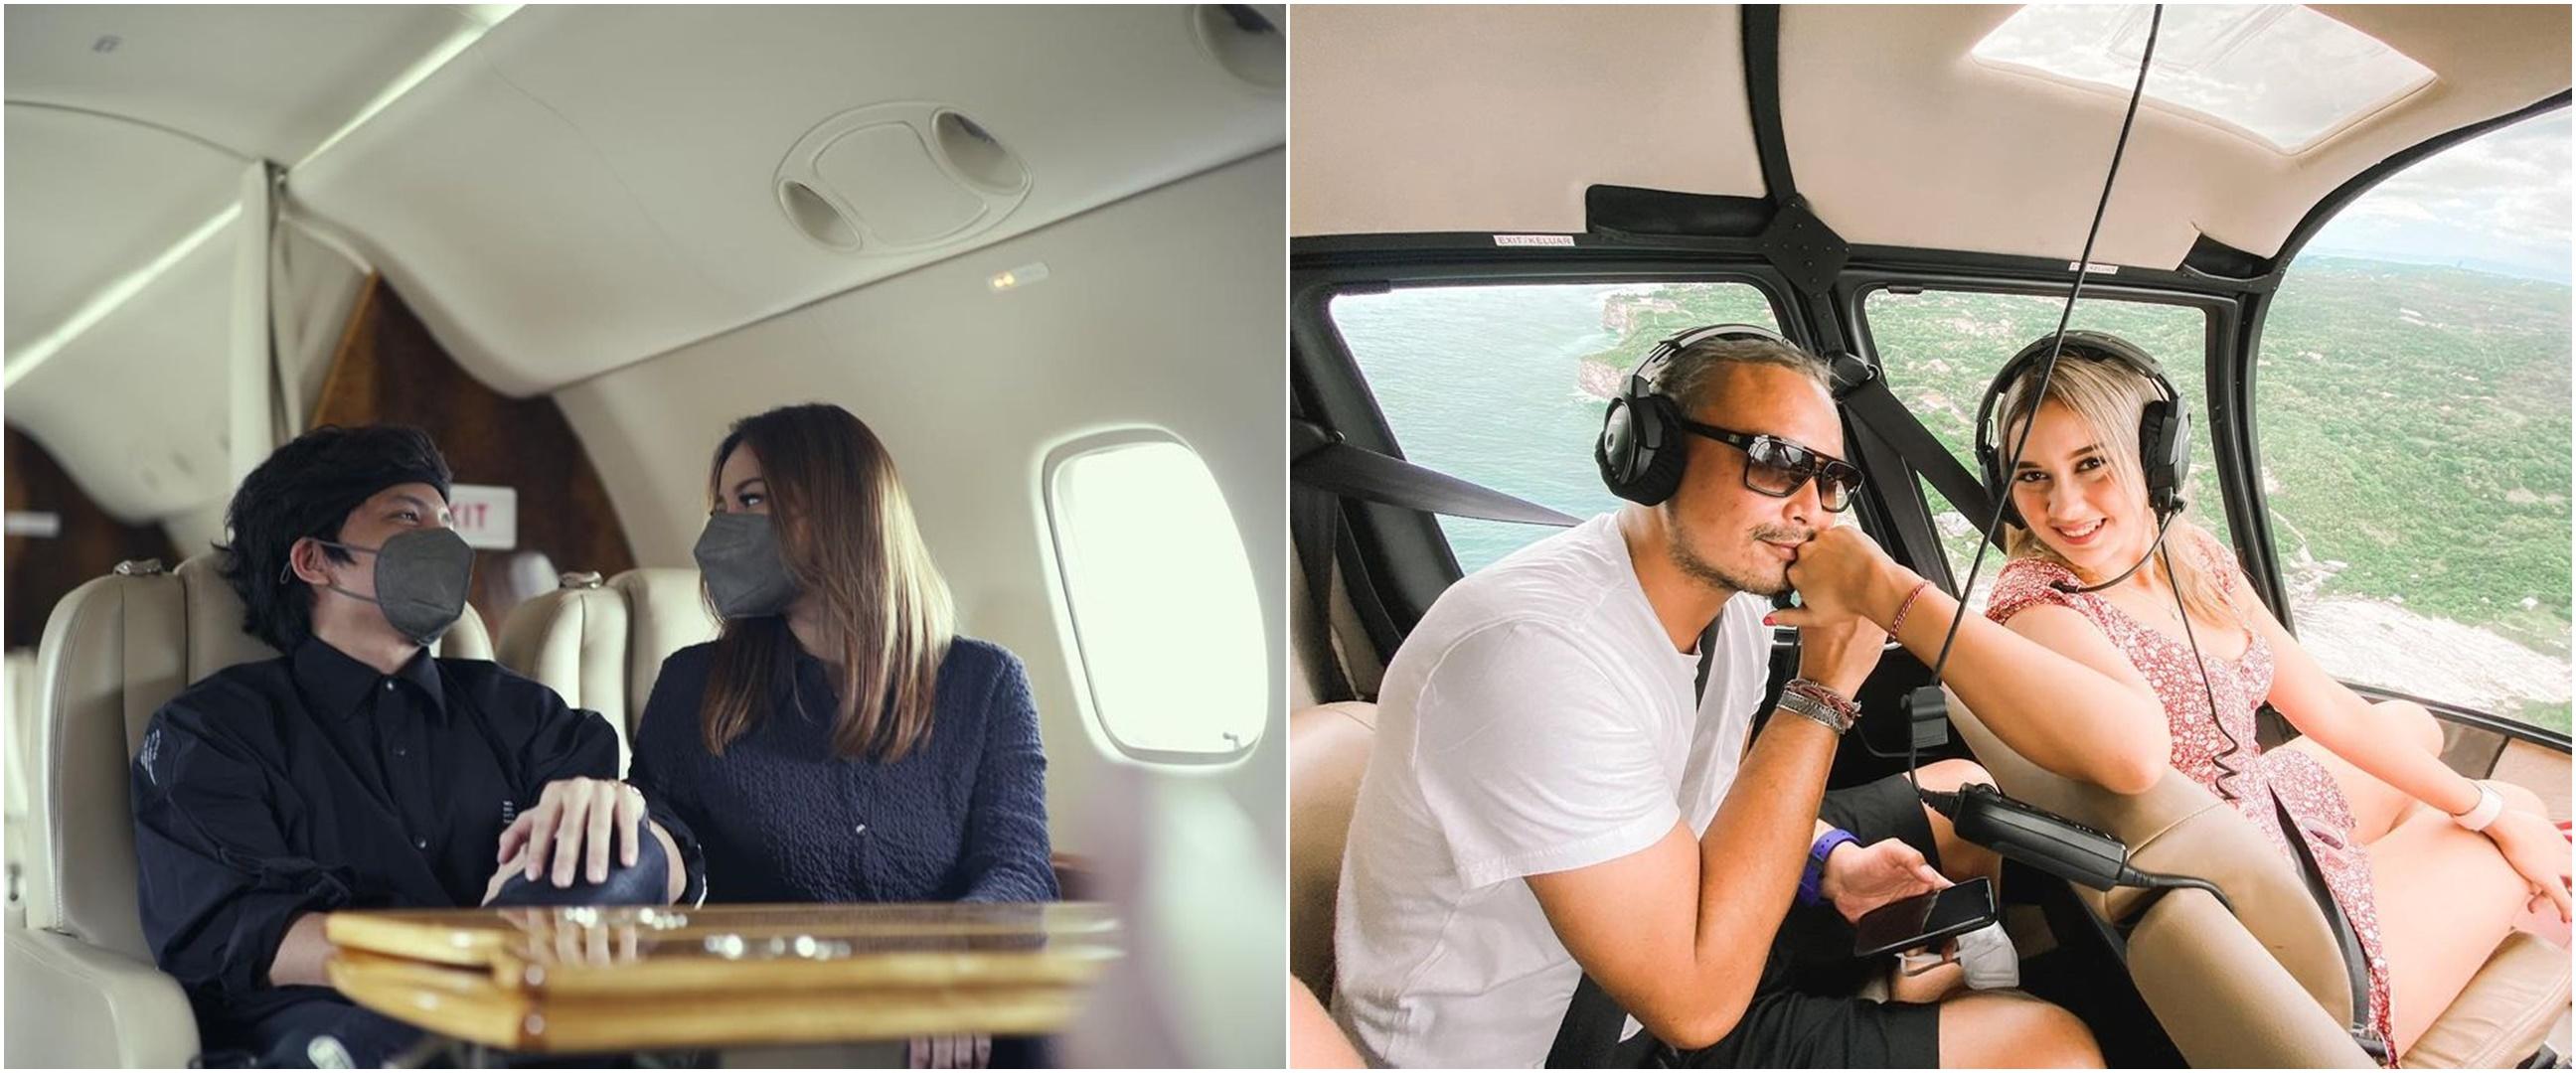 Momen mesra 8 pasangan seleb di dalam pesawat, terbaru ada Atta-Aurel